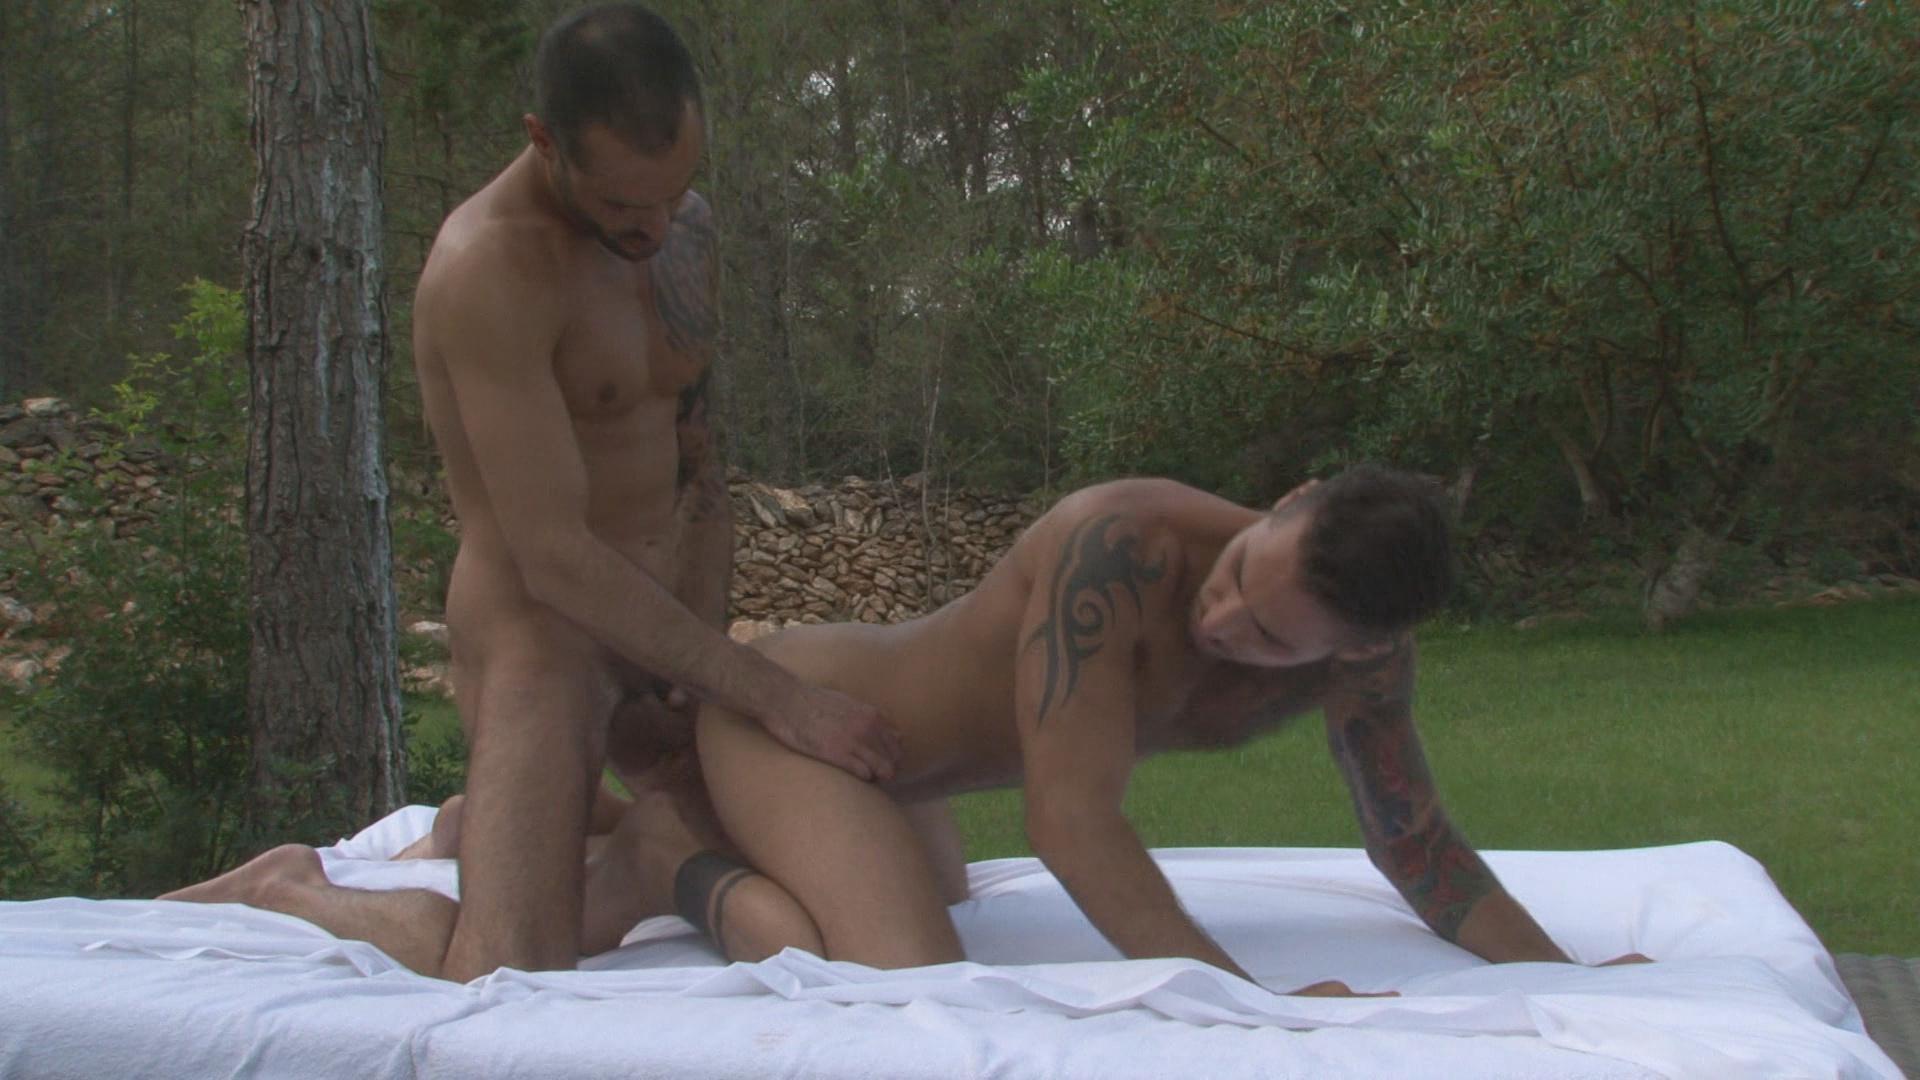 Men In Love Xvideo gay